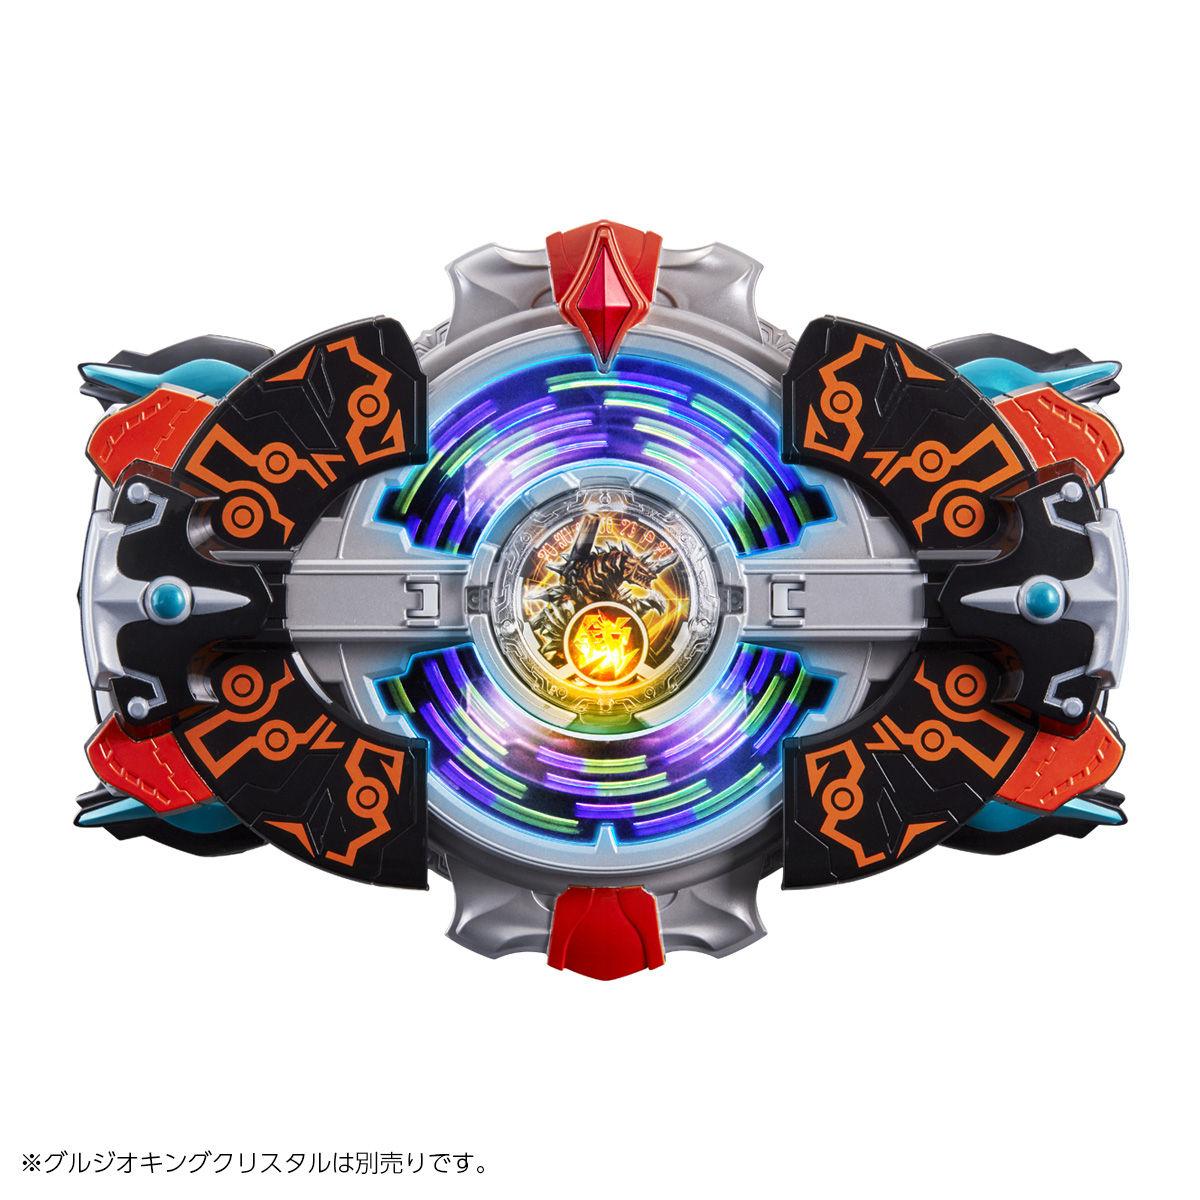 ウルトラマンR/B『DXルーブジャイロ ―美剣サキ仕様―』変身なりきり-010